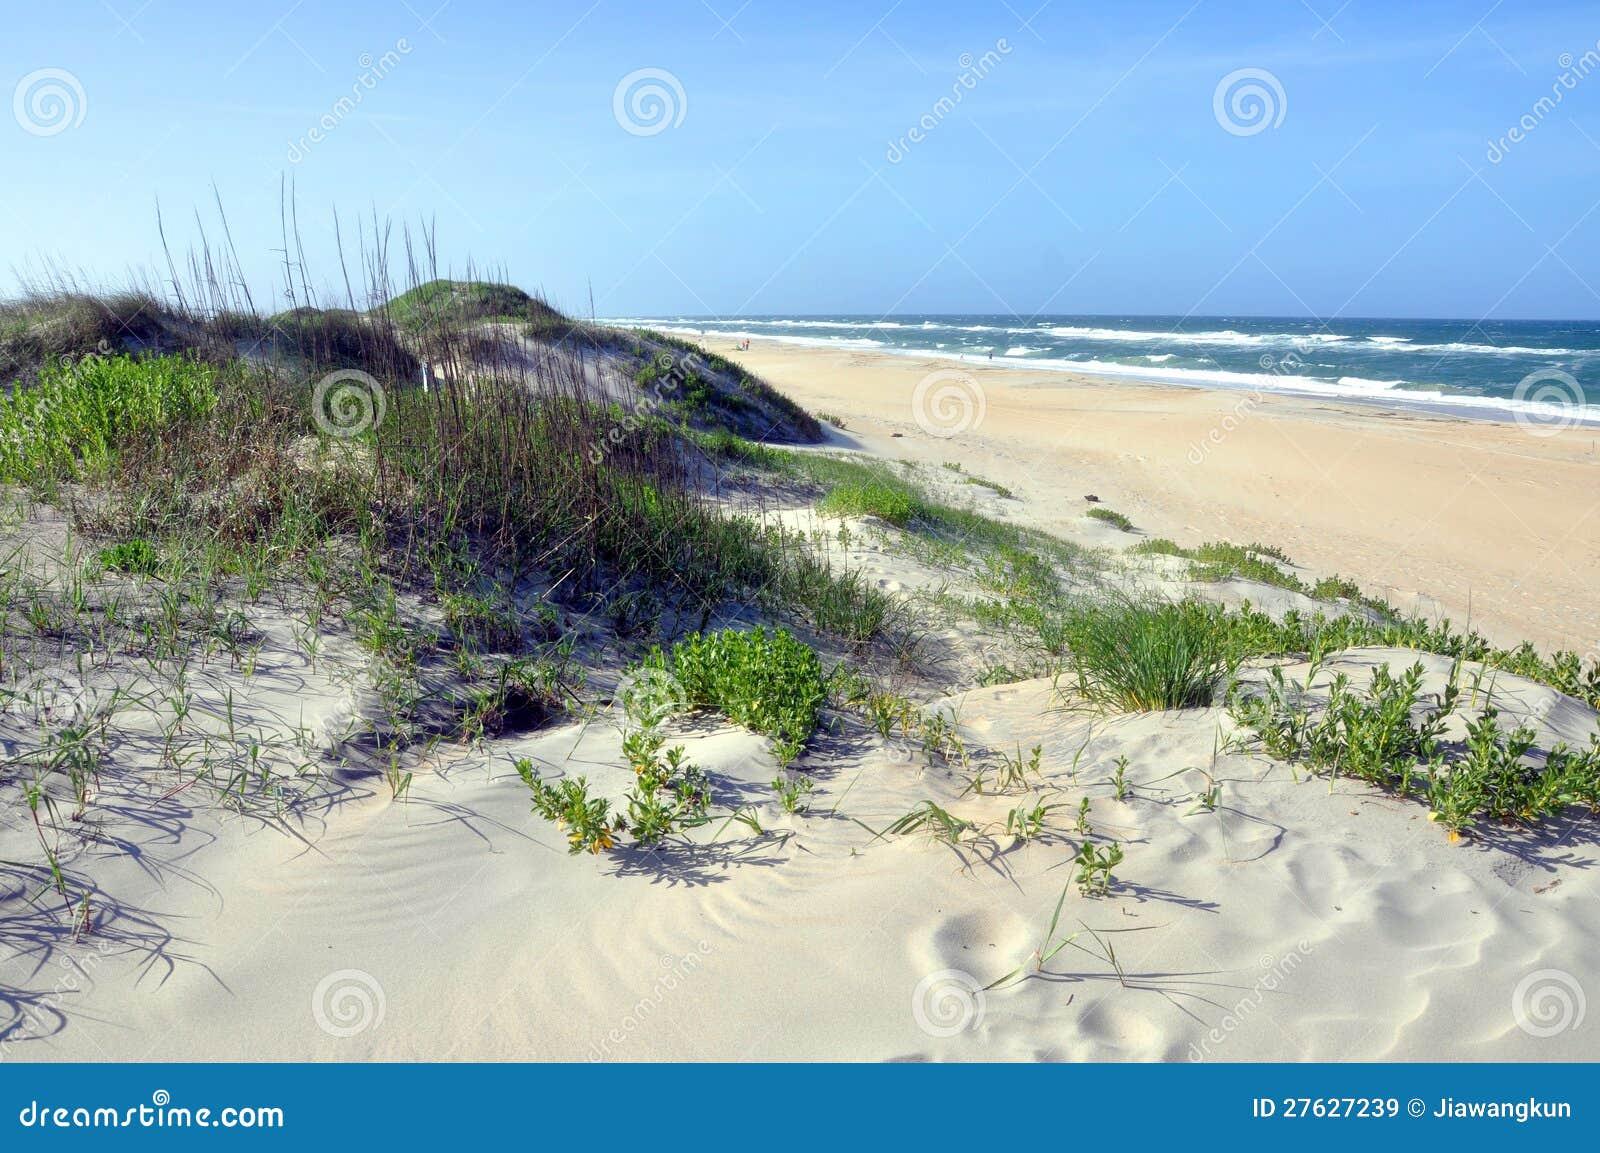 Duna di sabbia in capo hatteras north carolina immagini for Cabina lago north carolina